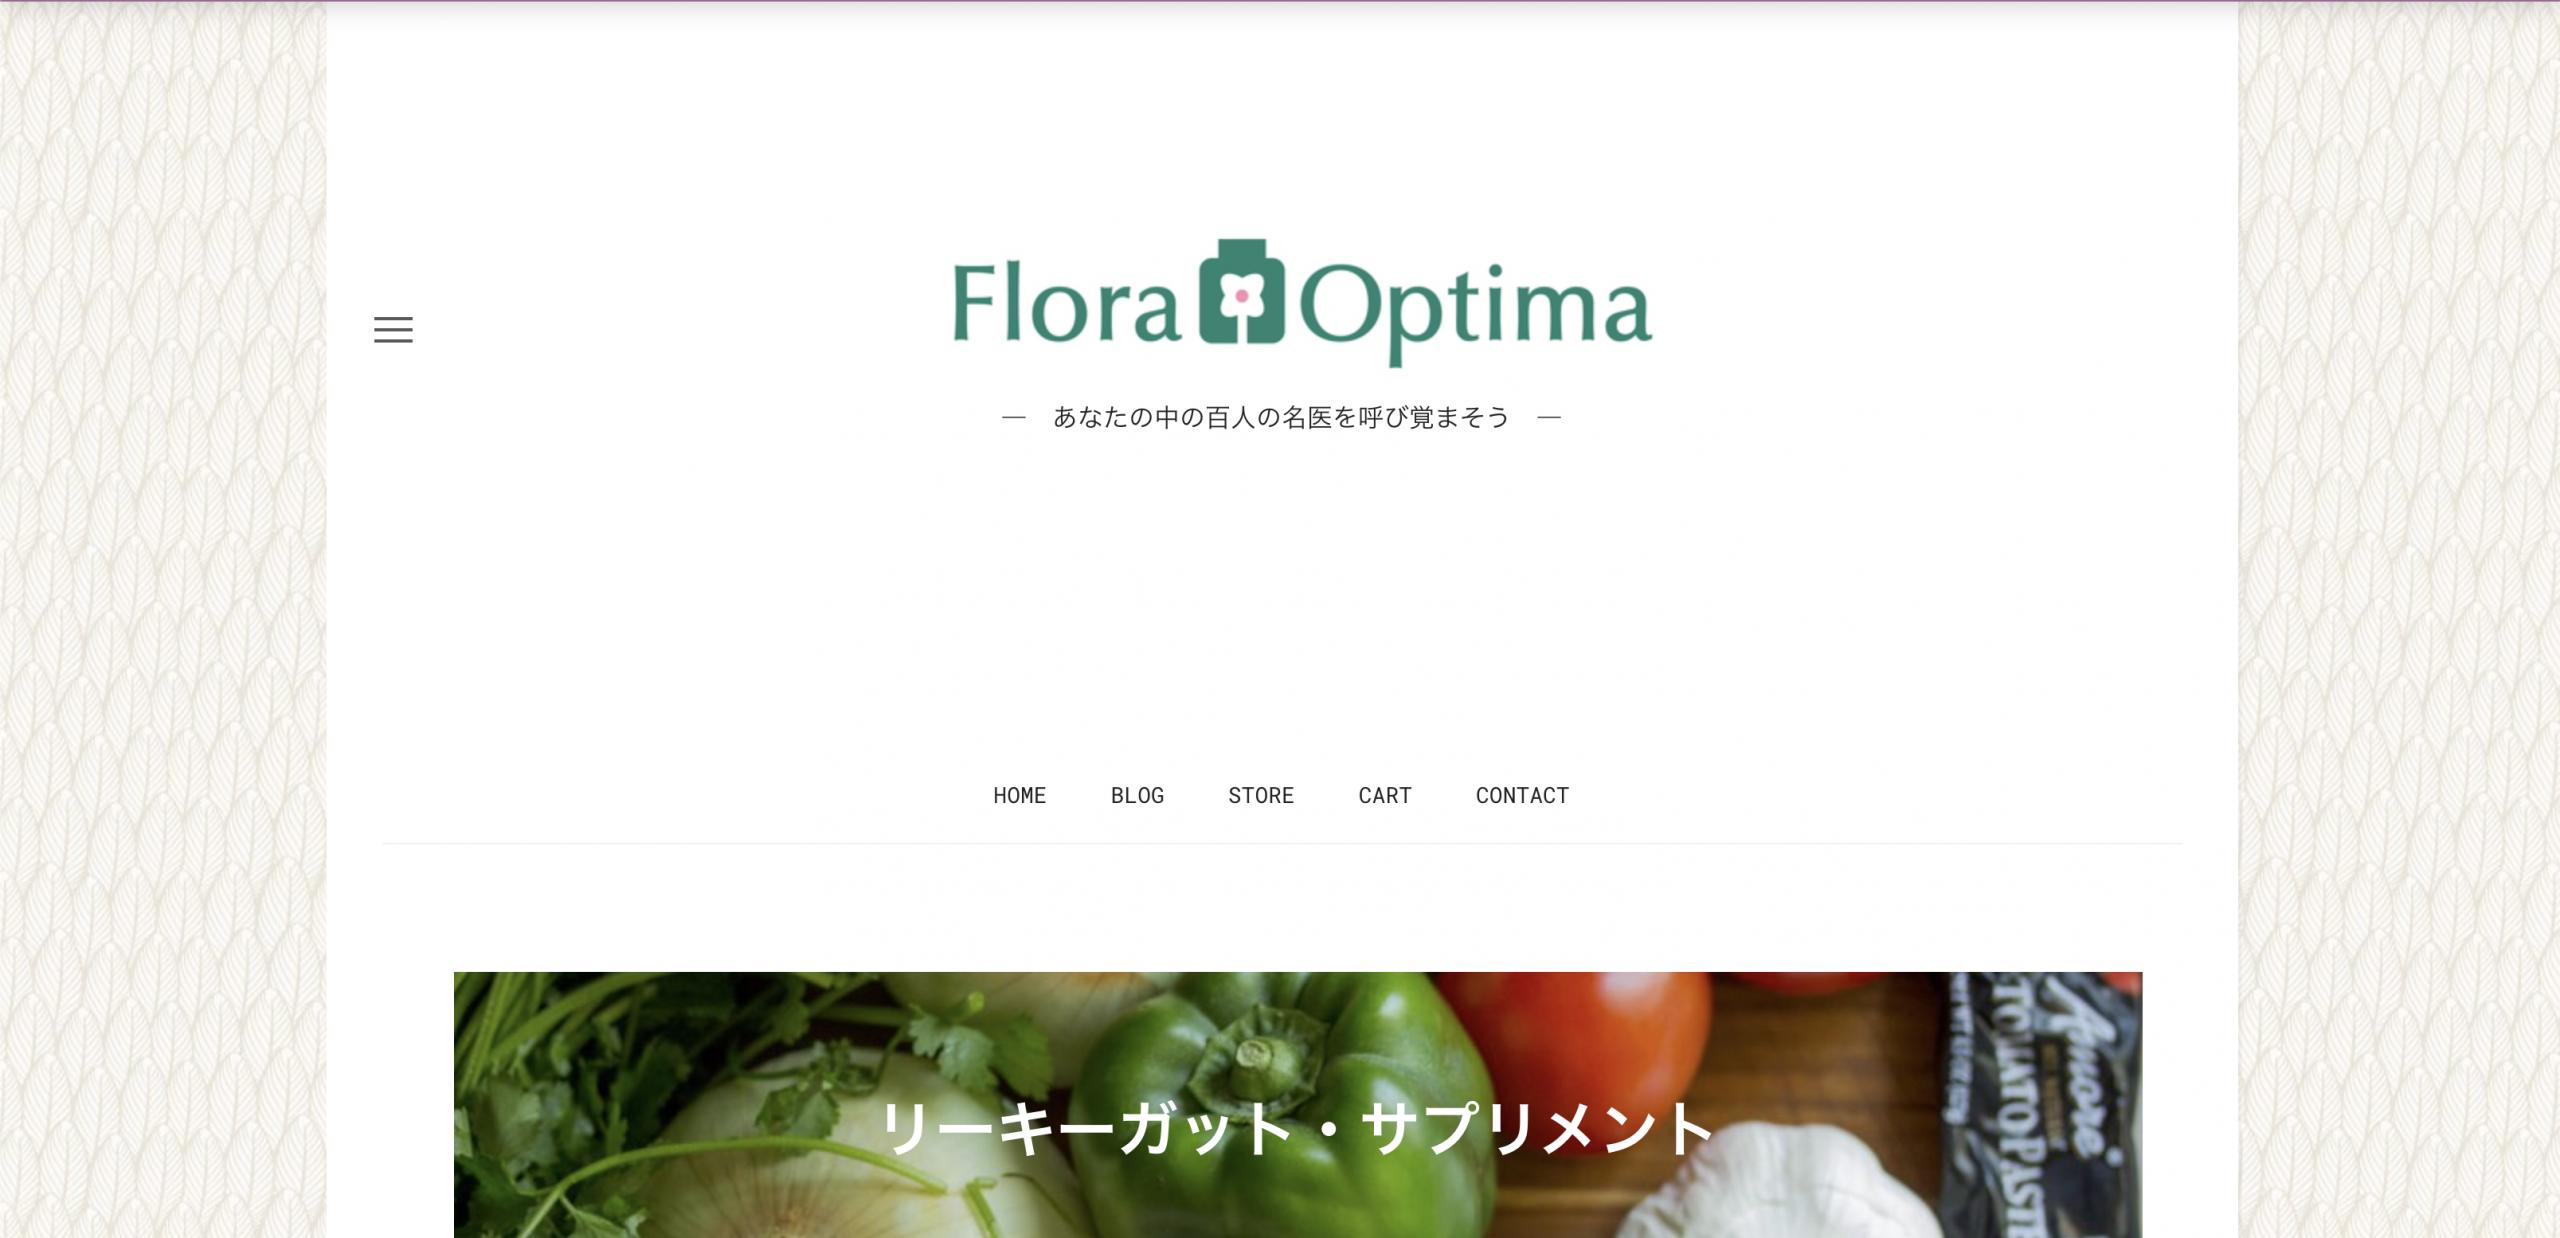 floraoptimashop